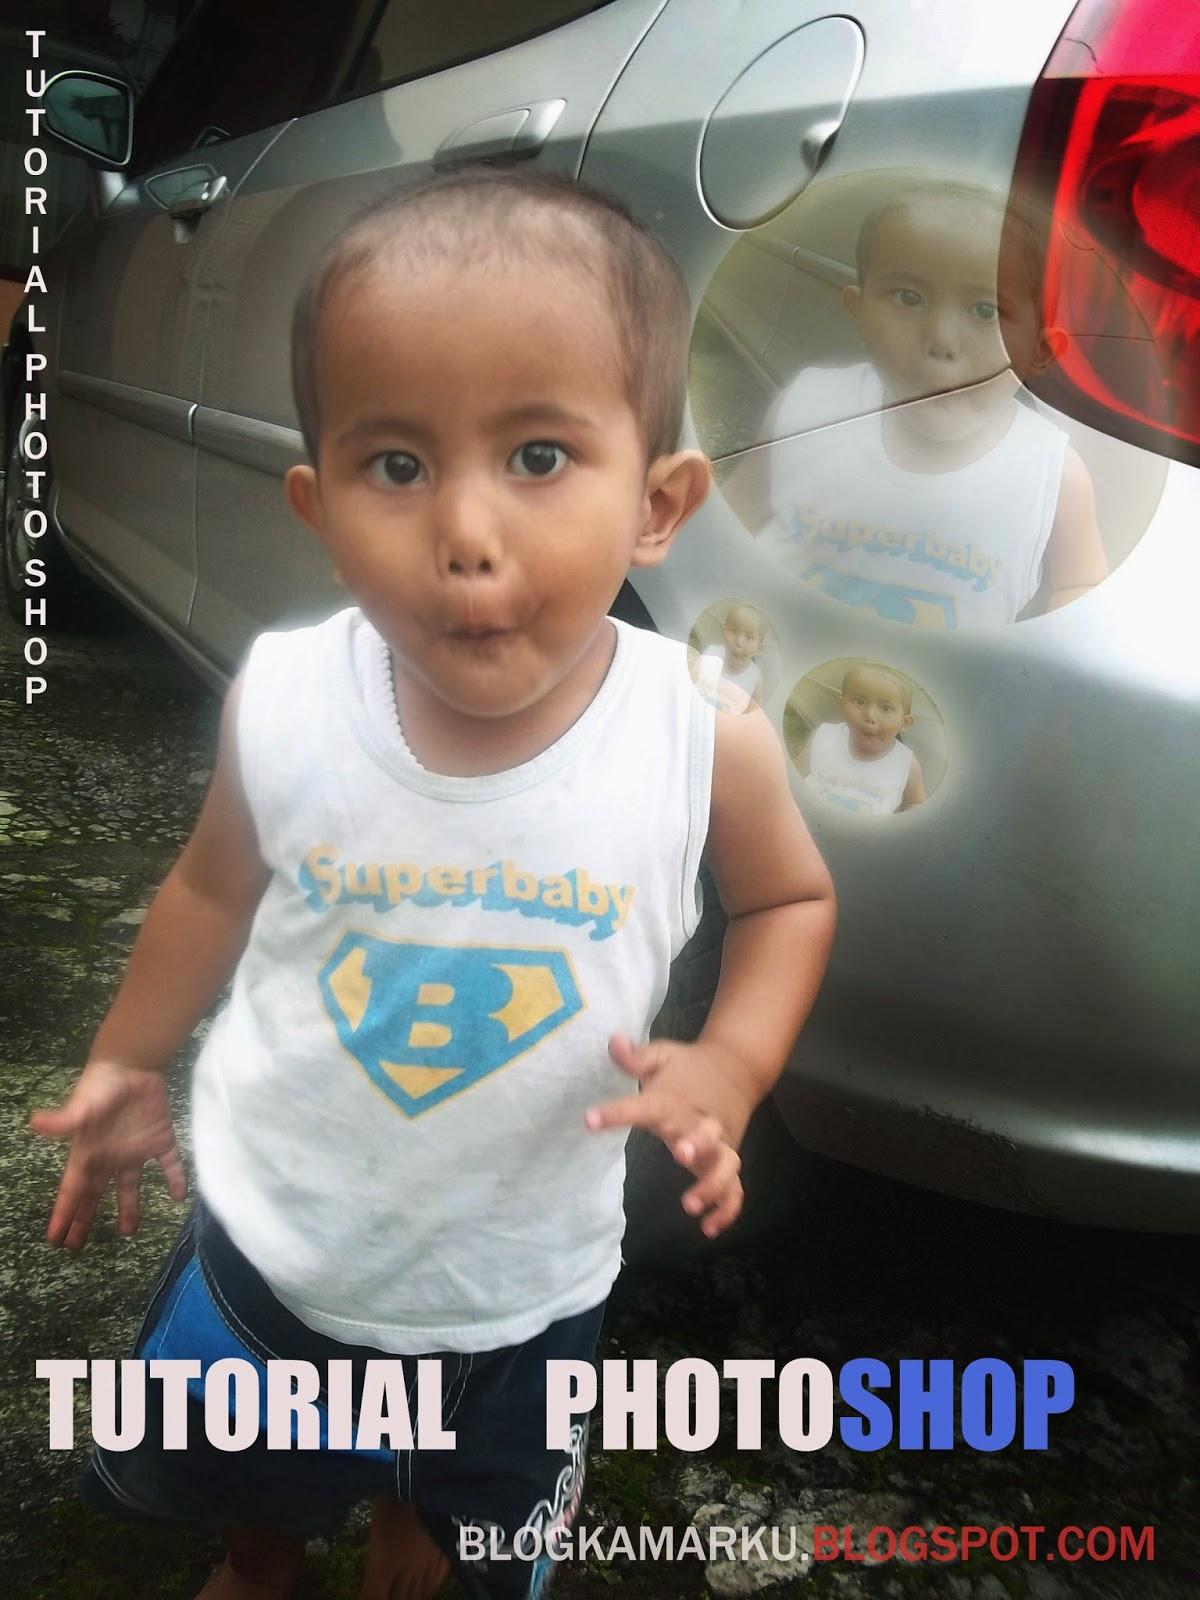 CARA BIKIN GELEMBUNG DI PHOTO SHOP